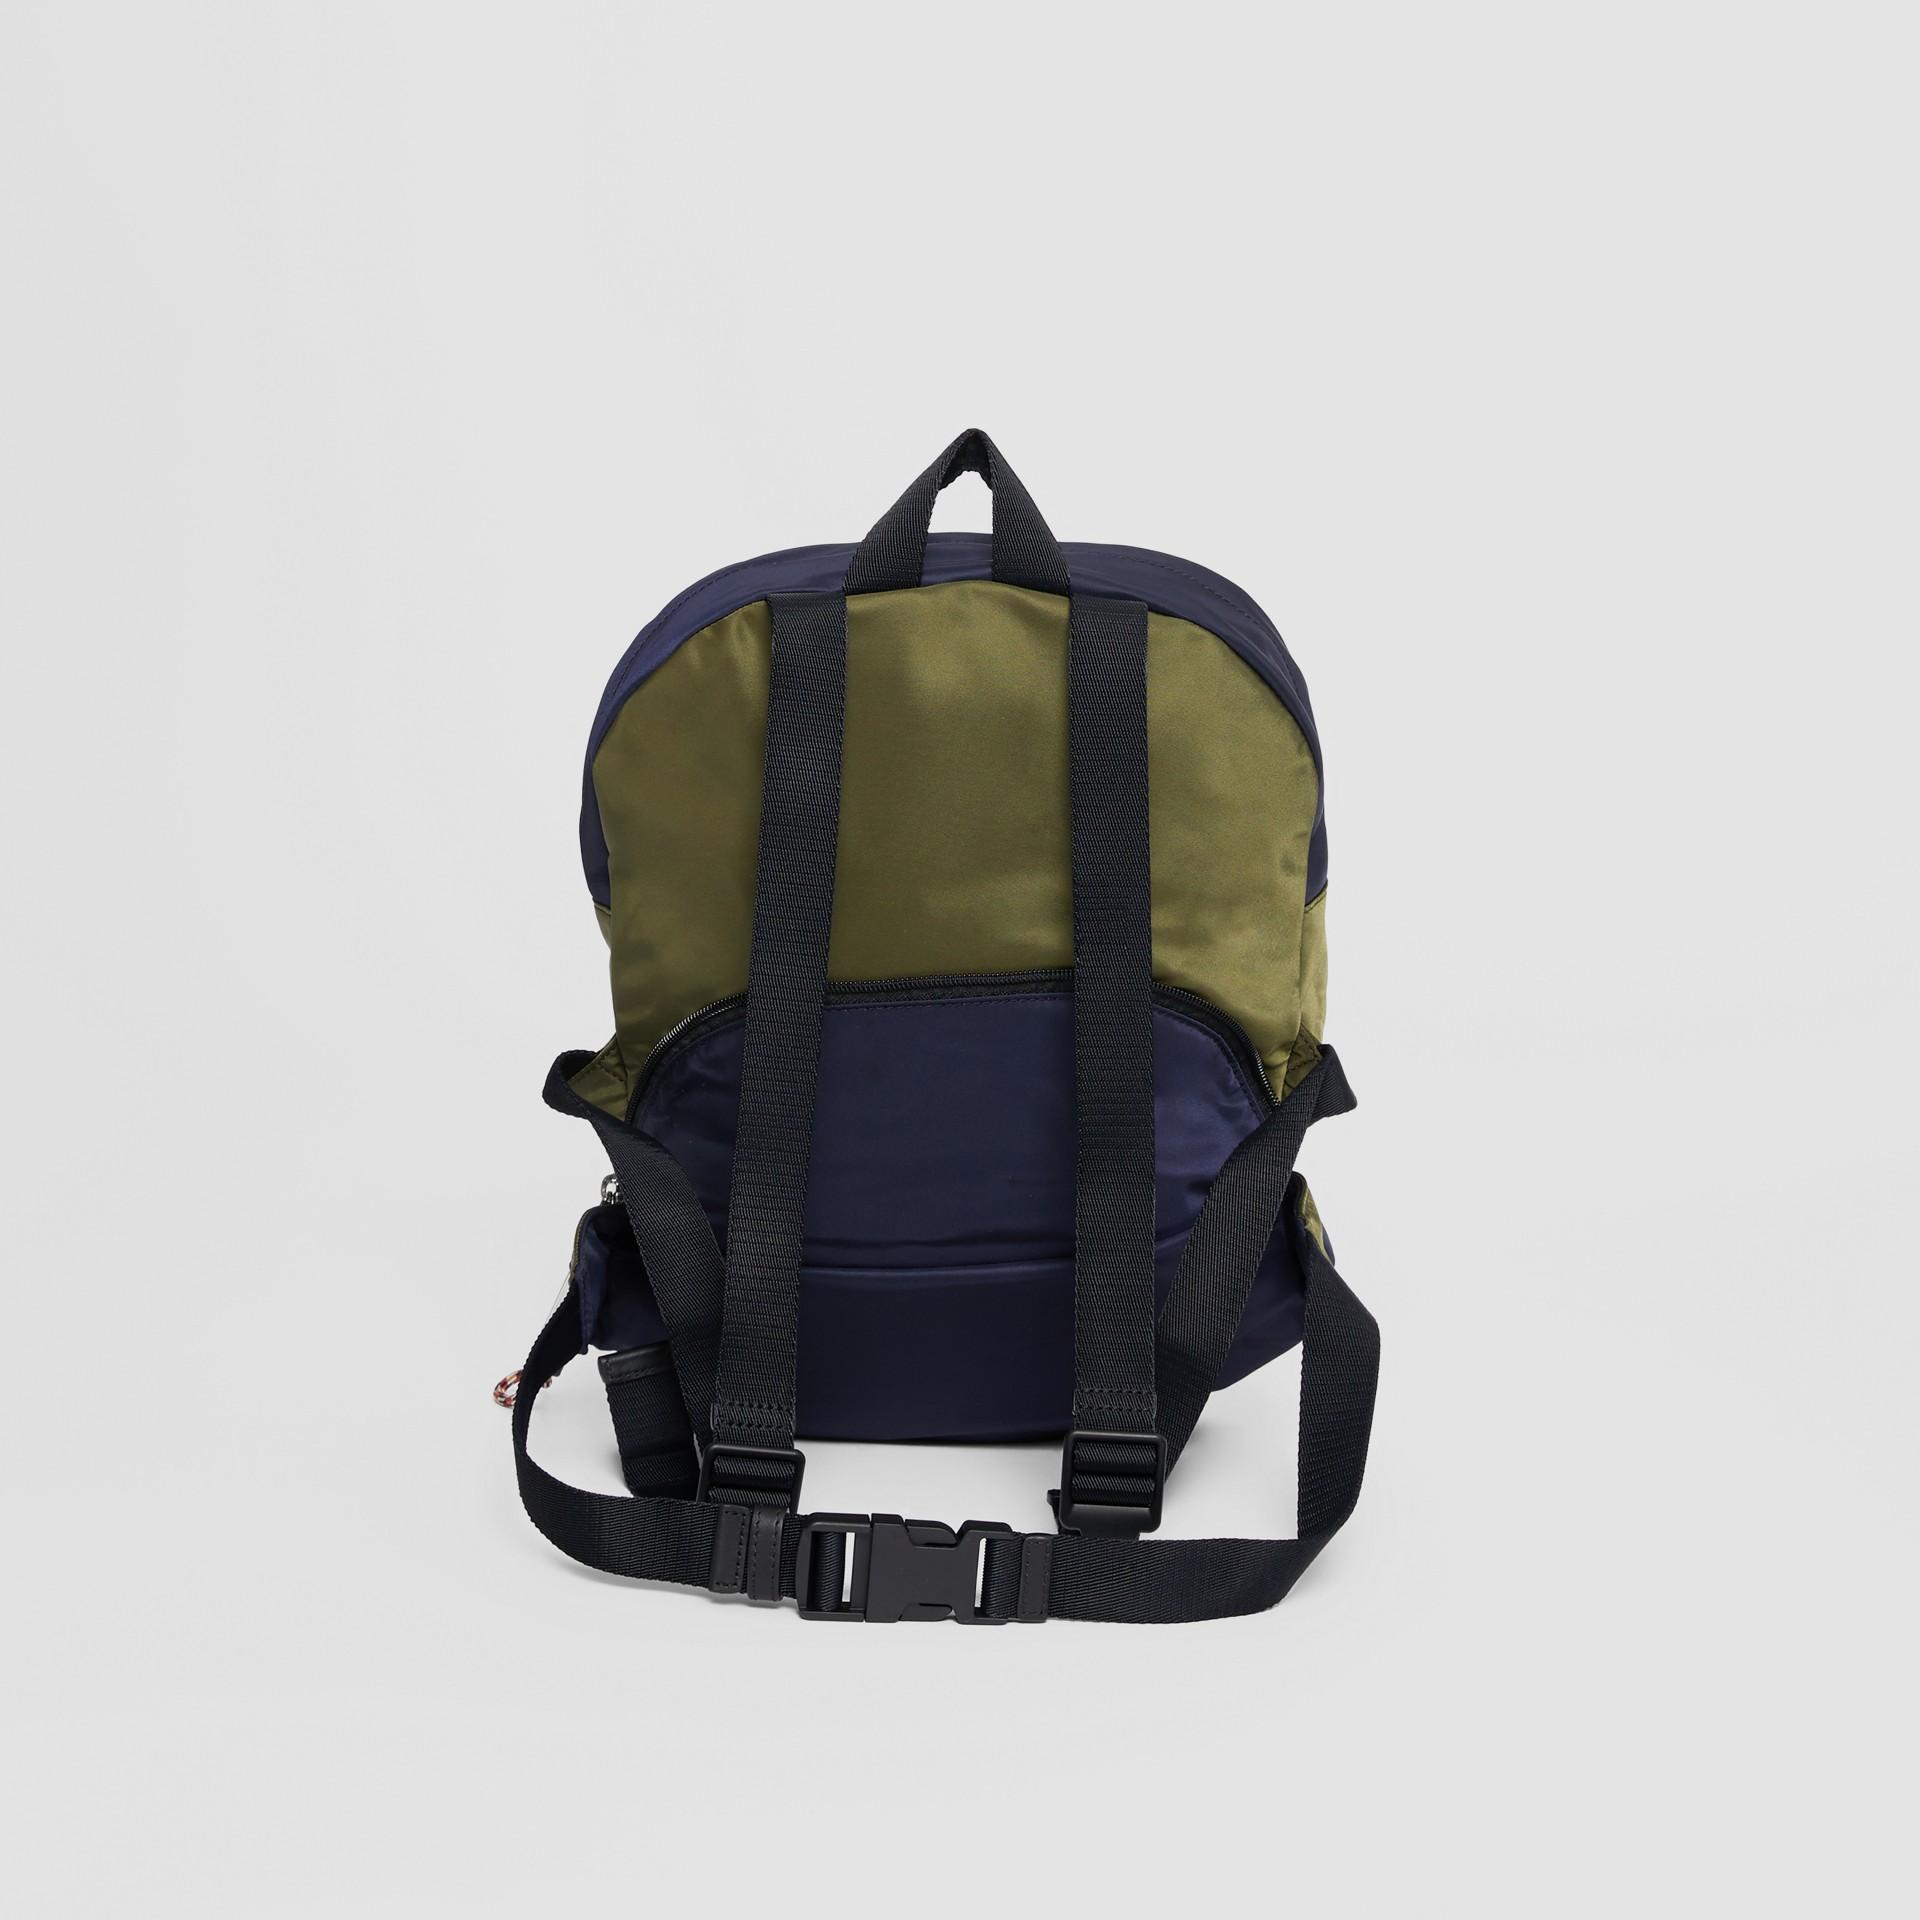 Двухцветная сумка-трансформер с логотипом (Регентский Синий) - Для детей | Burberry - изображение 5